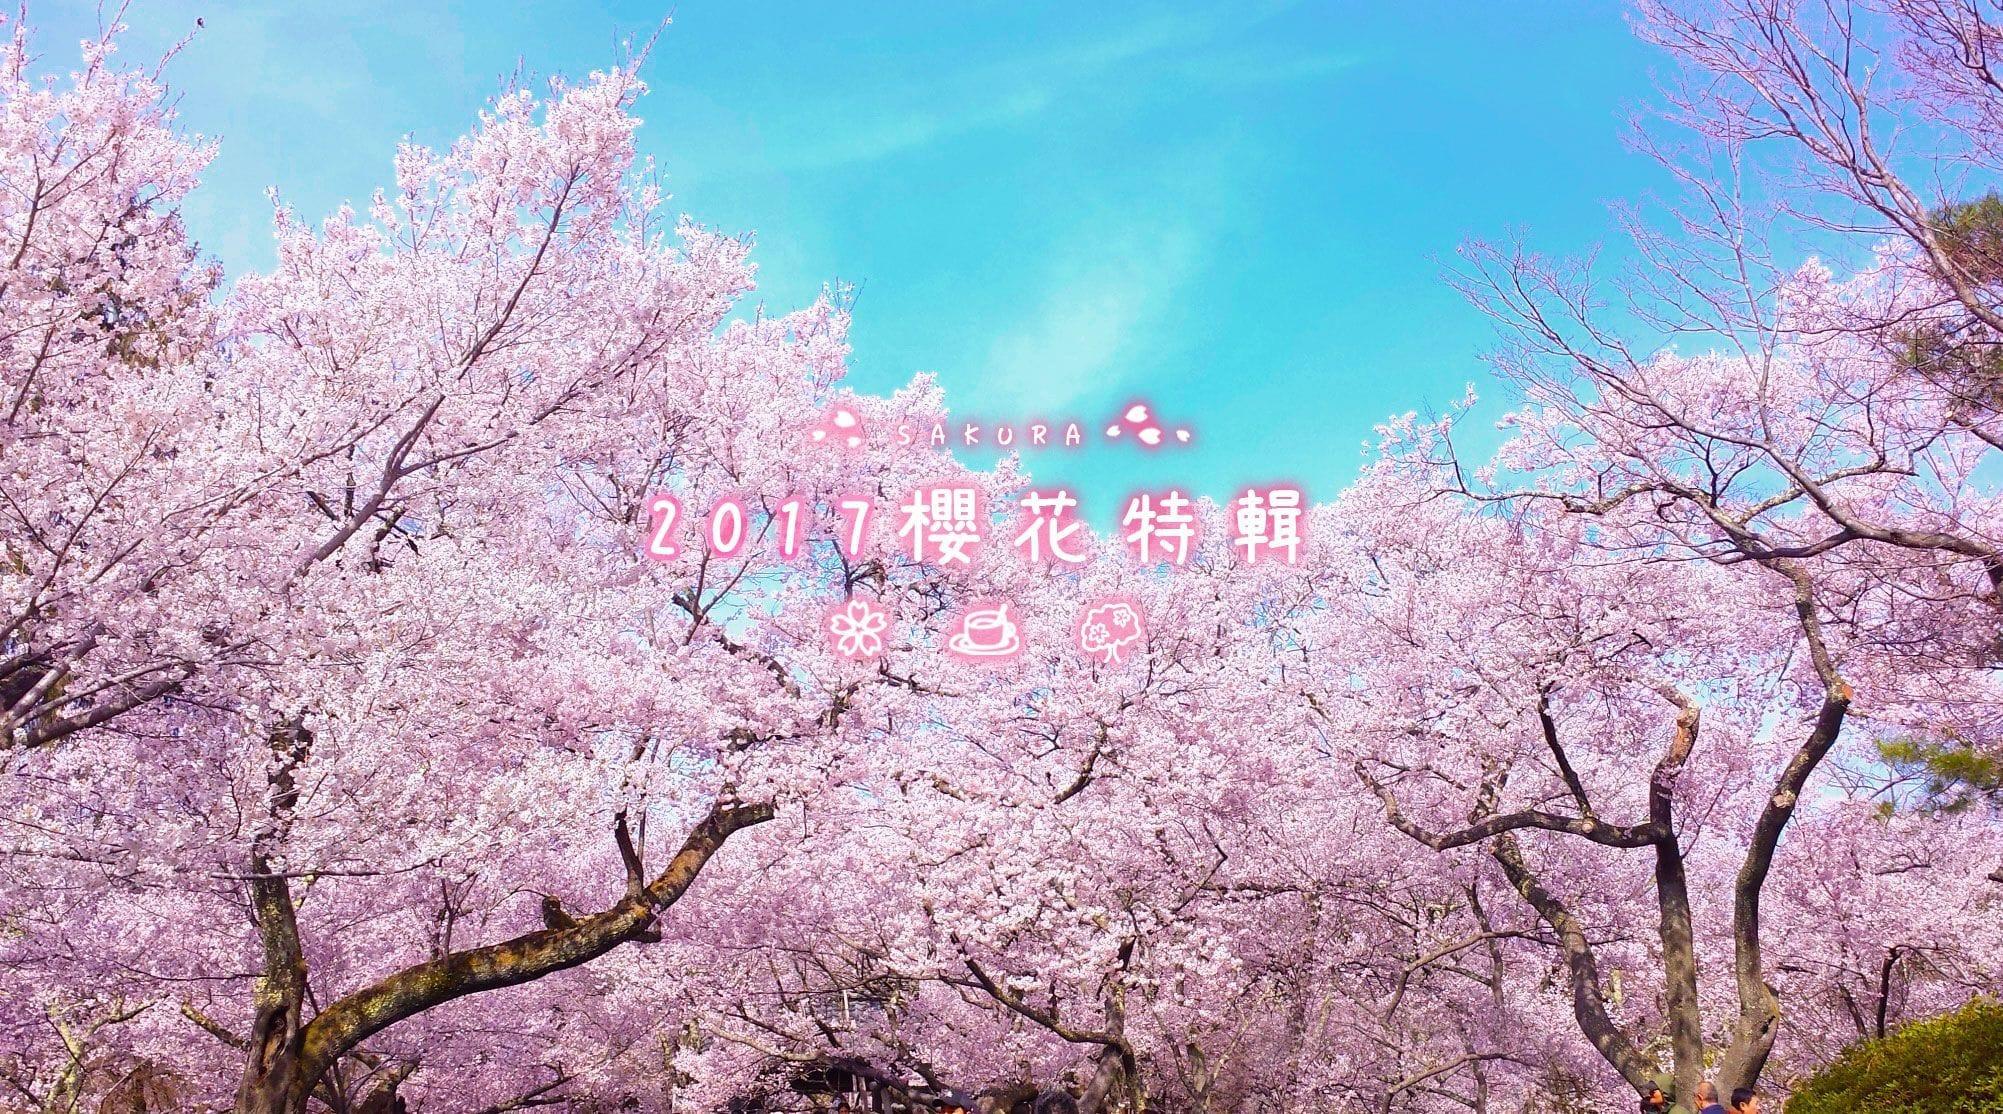 2017日本櫻花